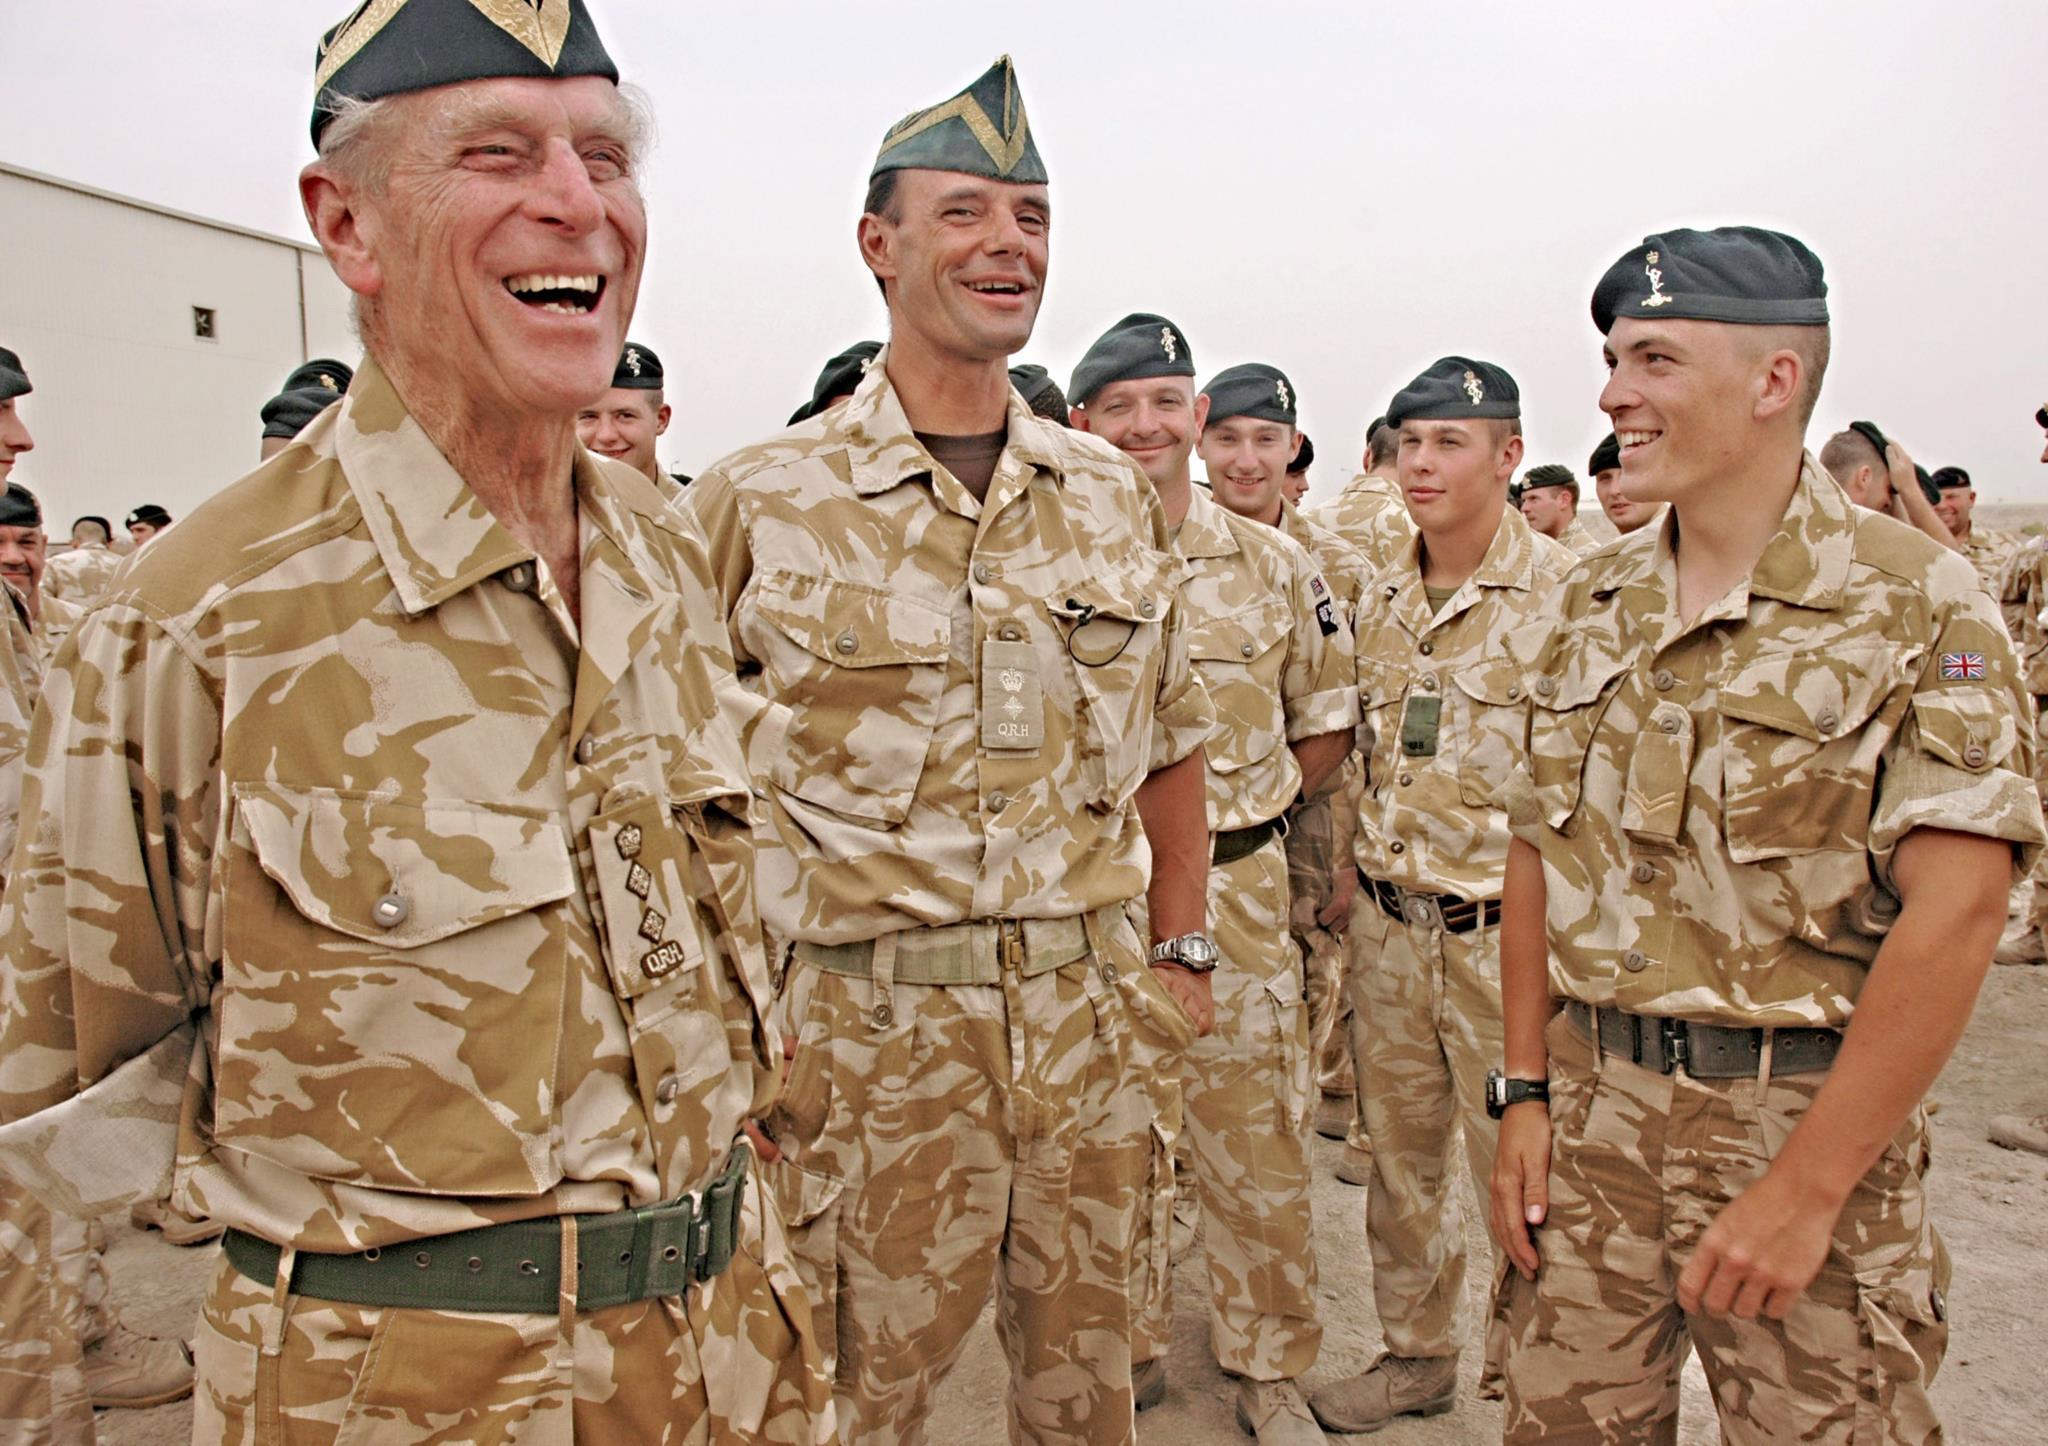 Numa visita em 2006 às tropas britânicas no Iraque